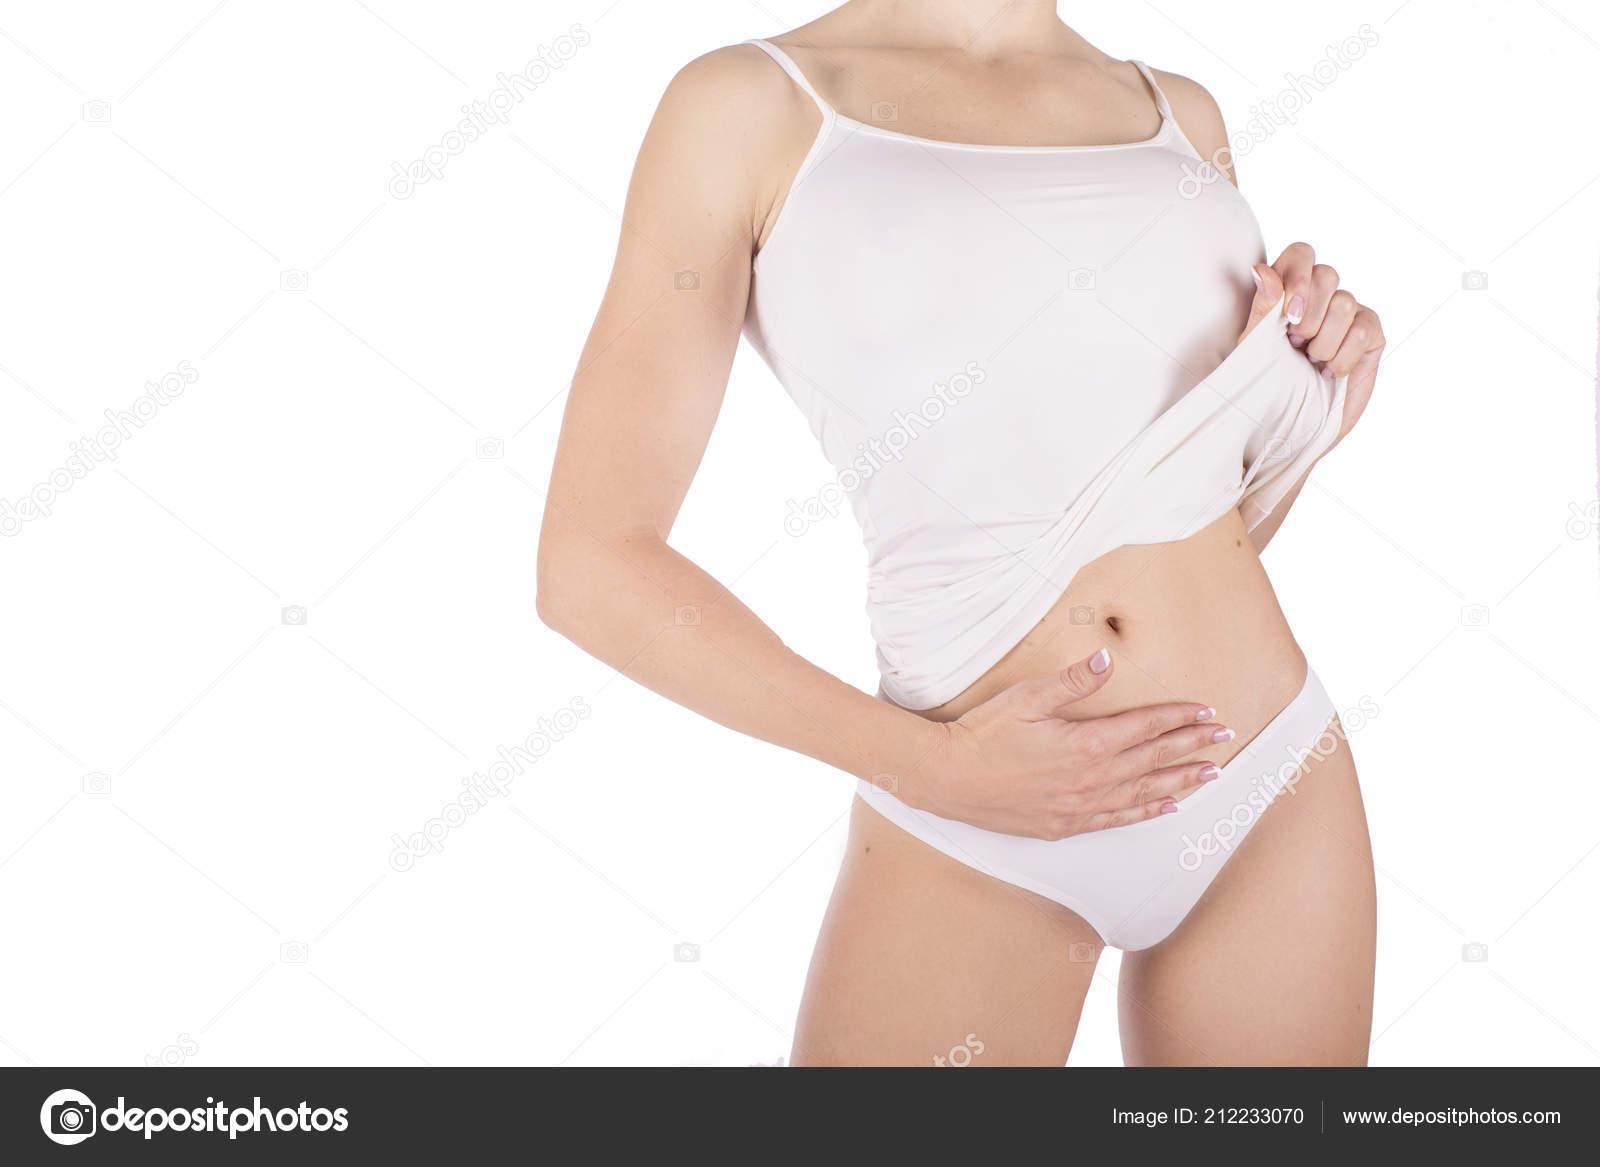 6c653d6a0 Corpo Mulher Cueca Branca Emagrecimento Isolado Branco — Fotografia de Stock